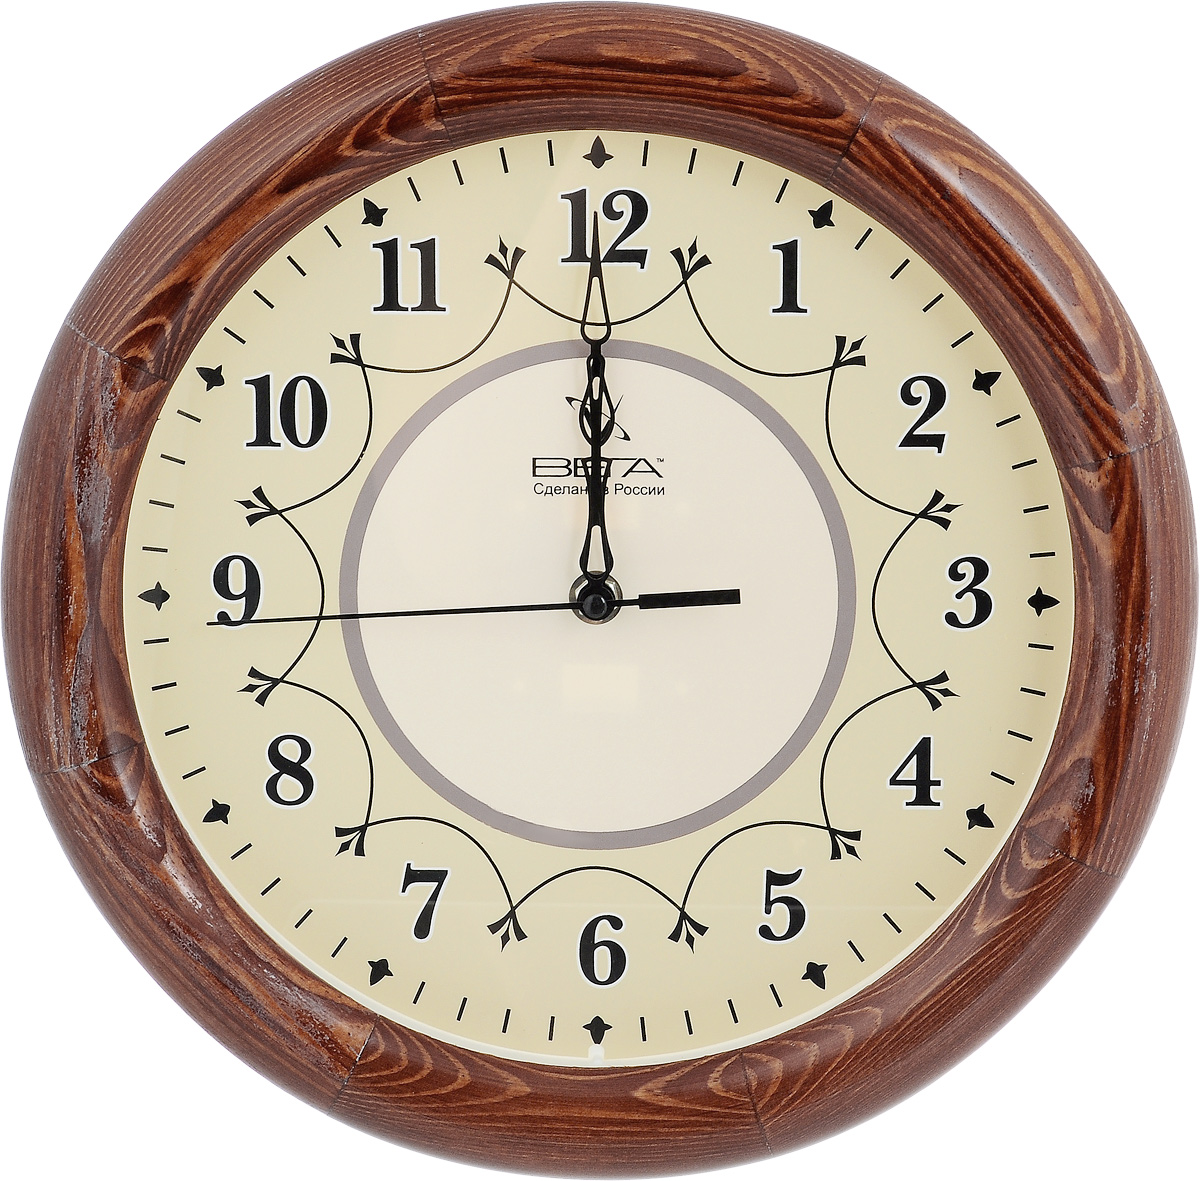 Часы настенные Вега Классика, диаметр 30 см. Д1КД/7Д1КД/7-12Настенные кварцевые часы Вега Классика, изготовленные из дерева, прекрасно впишутся в интерьервашего дома. Часы имеют три стрелки: часовую,минутную и секундную, циферблат защищен прозрачным стеклом.Часы работают от 1 батарейки типа АА напряжением 1,5 В (не входит в комплект). Диаметр часов: 30 см.